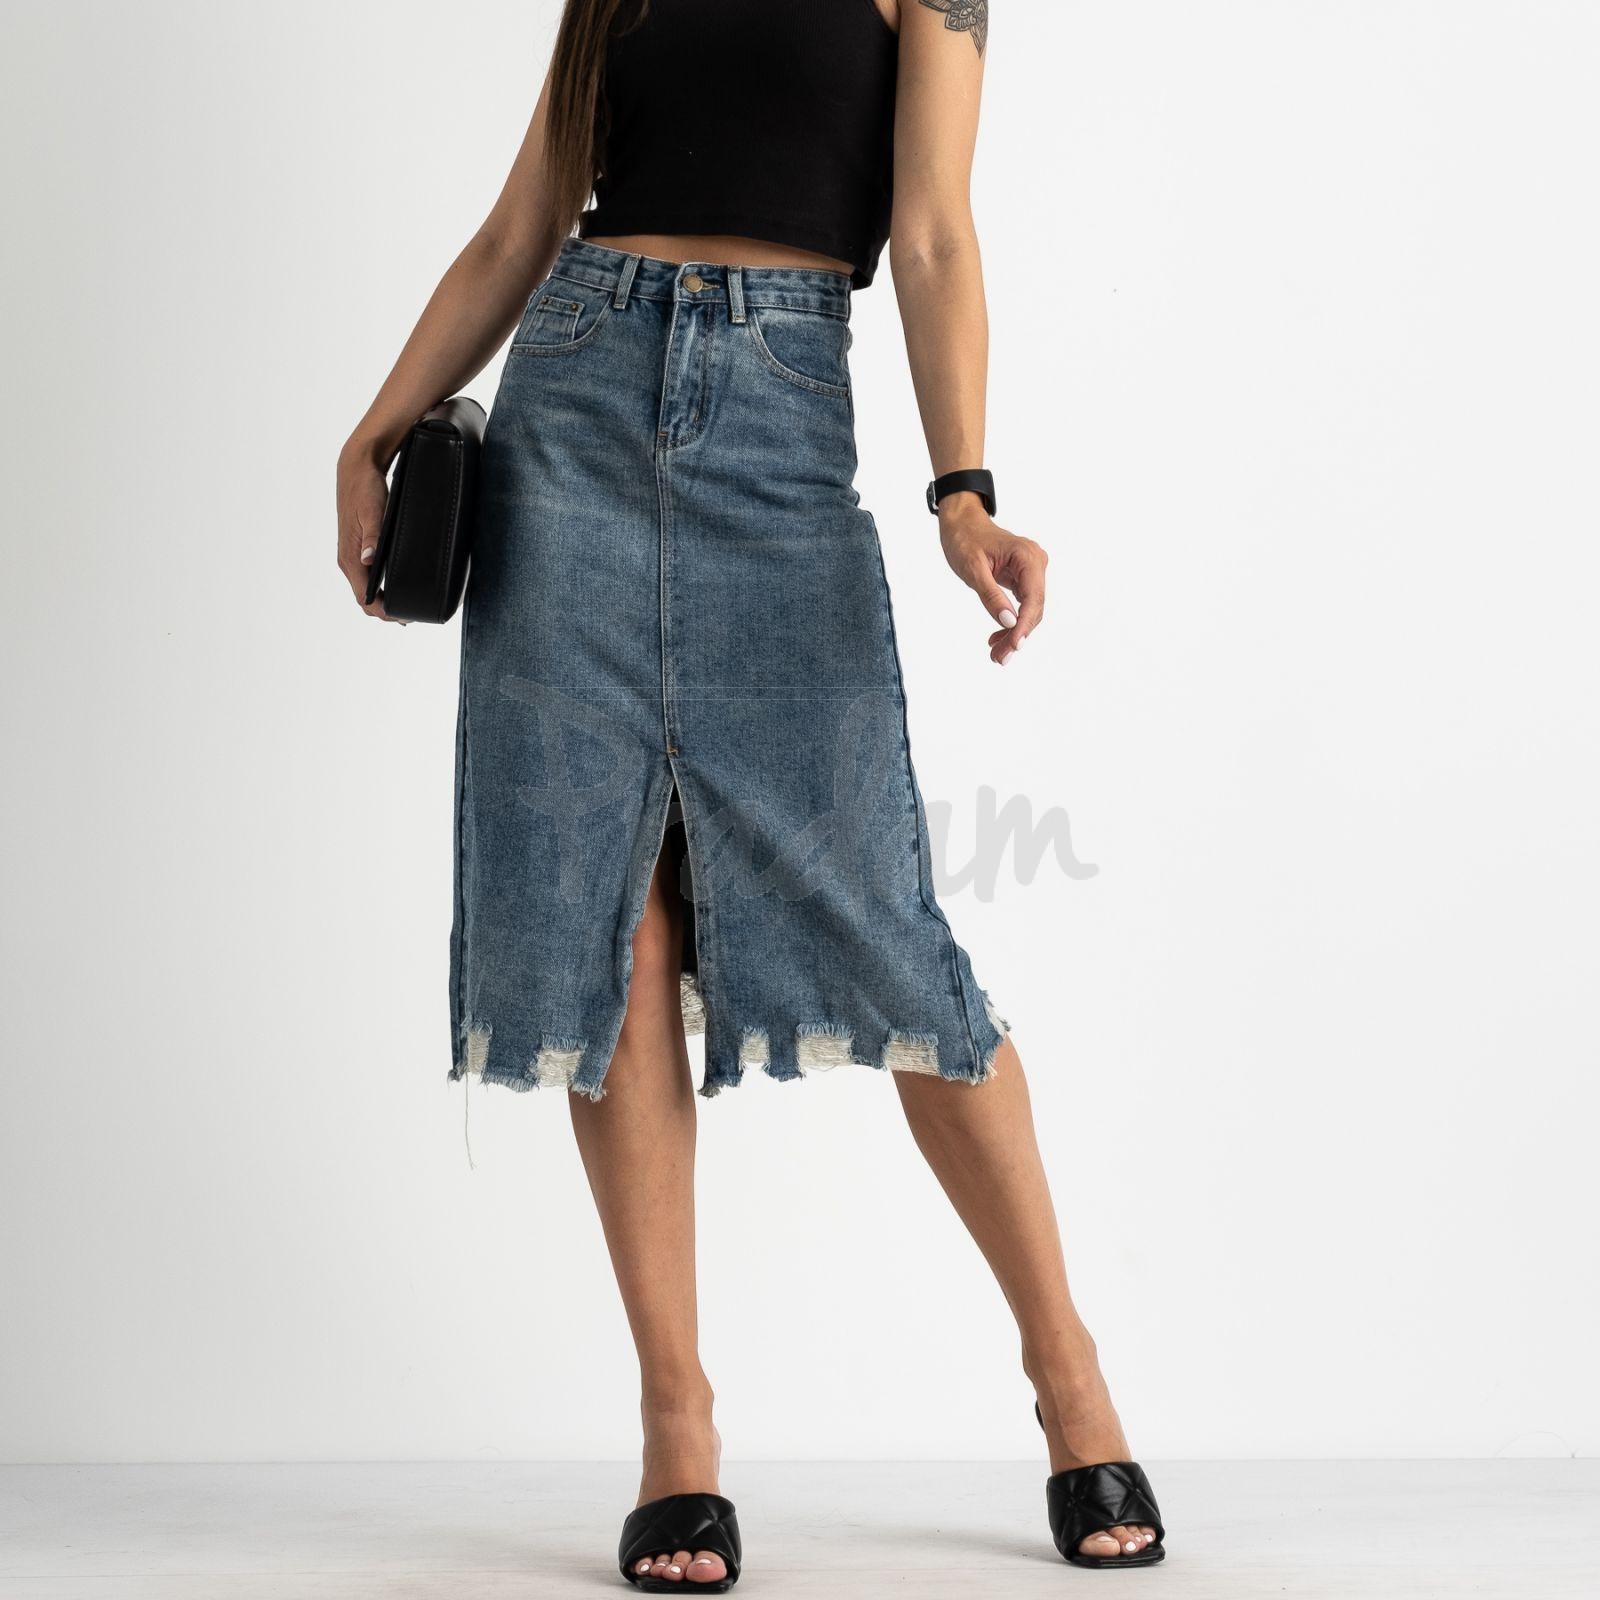 0564 KT.Moss юбка женская голубая котоновая  (6 ед. размеры: S.M/2.L/2.XL)